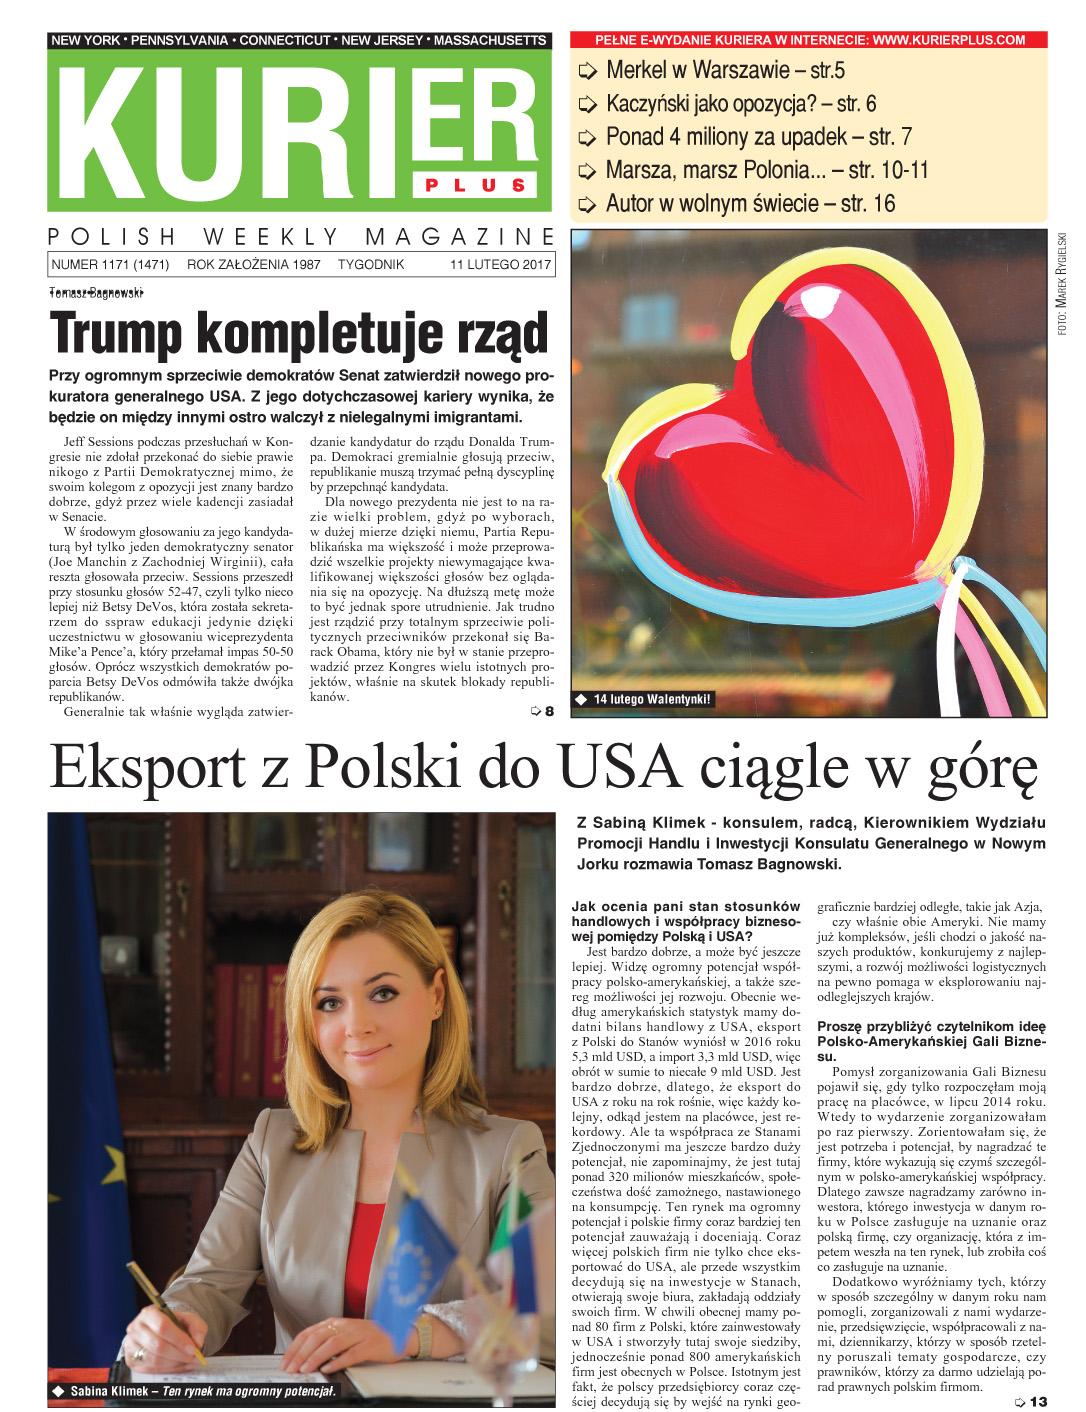 Kurier Plus - e-wydanie 11 lutego 2017